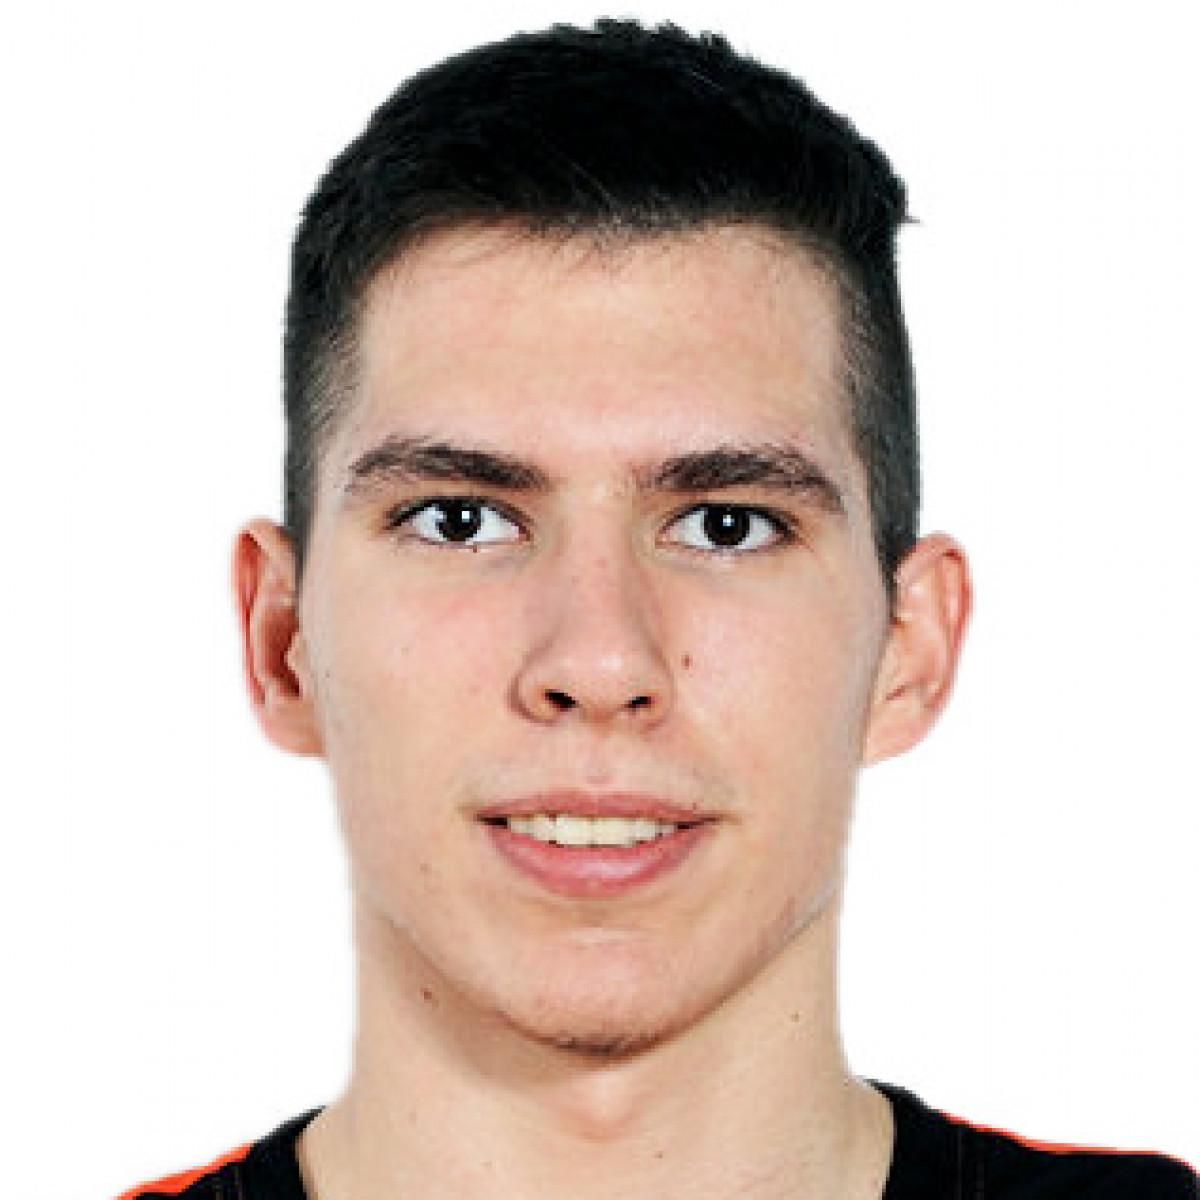 Leon Kalinic